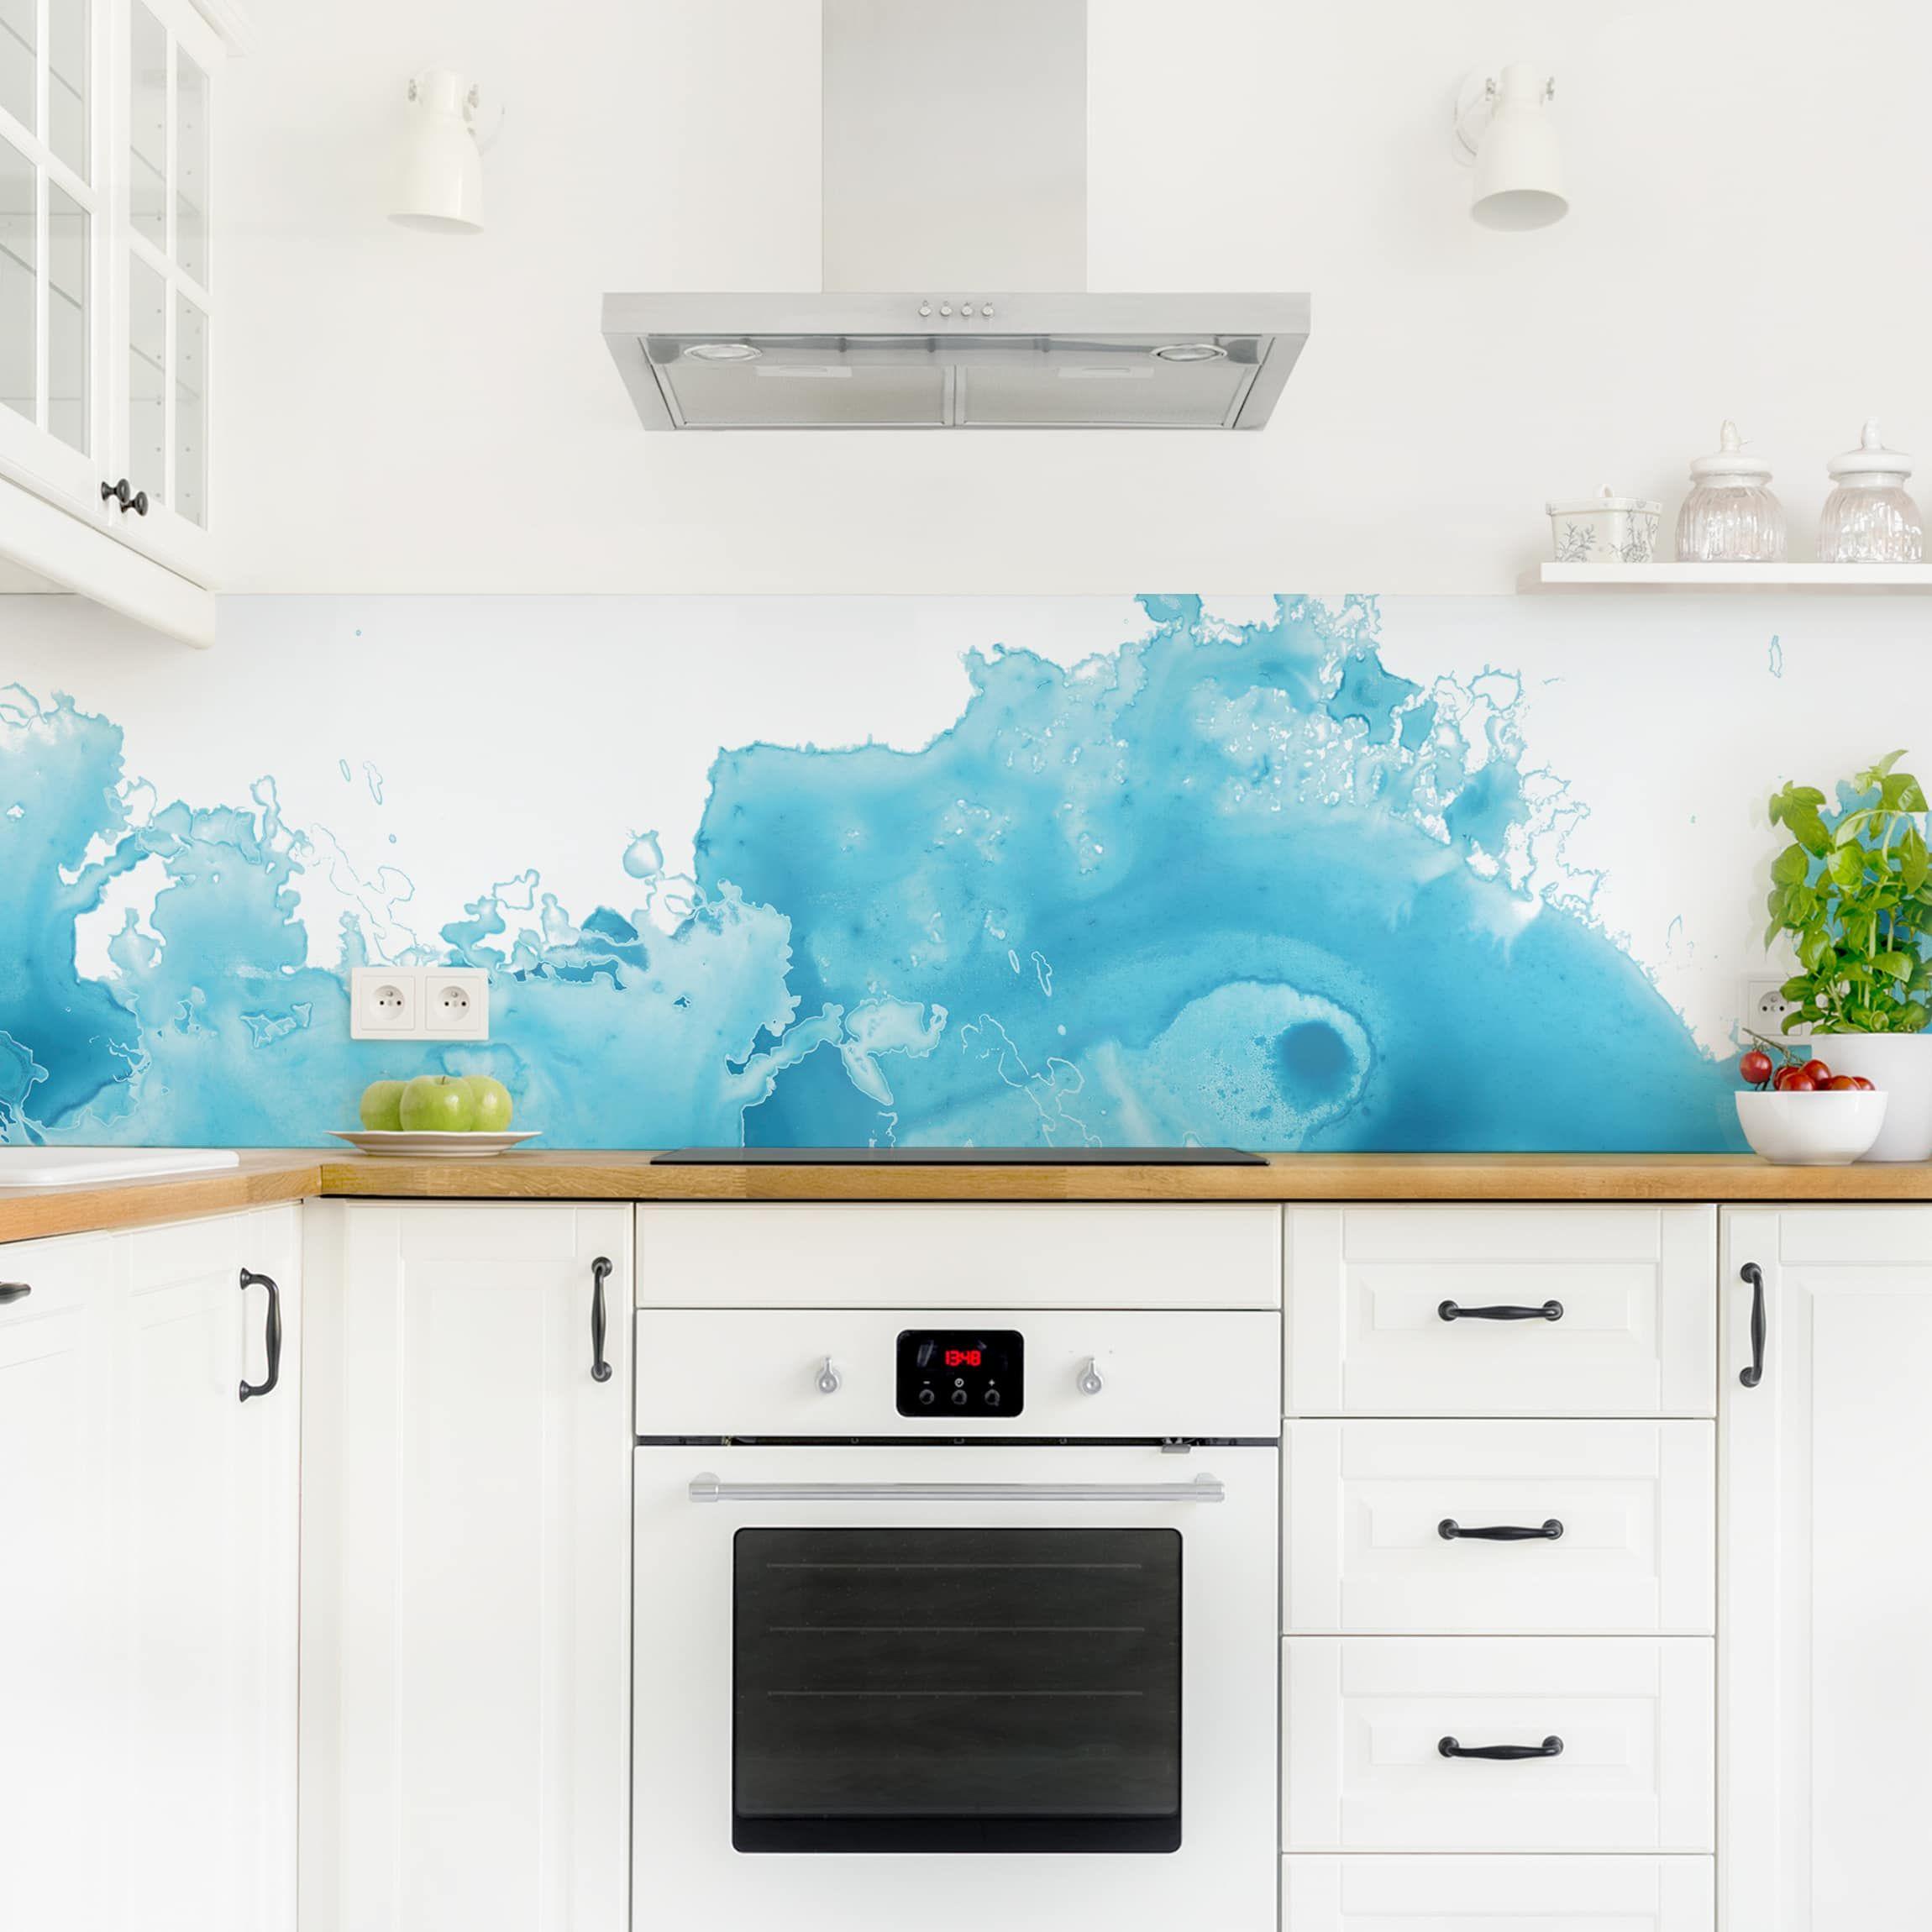 Rivestimento cucina - Splash onda VI | Cucina dei sogni nel ...